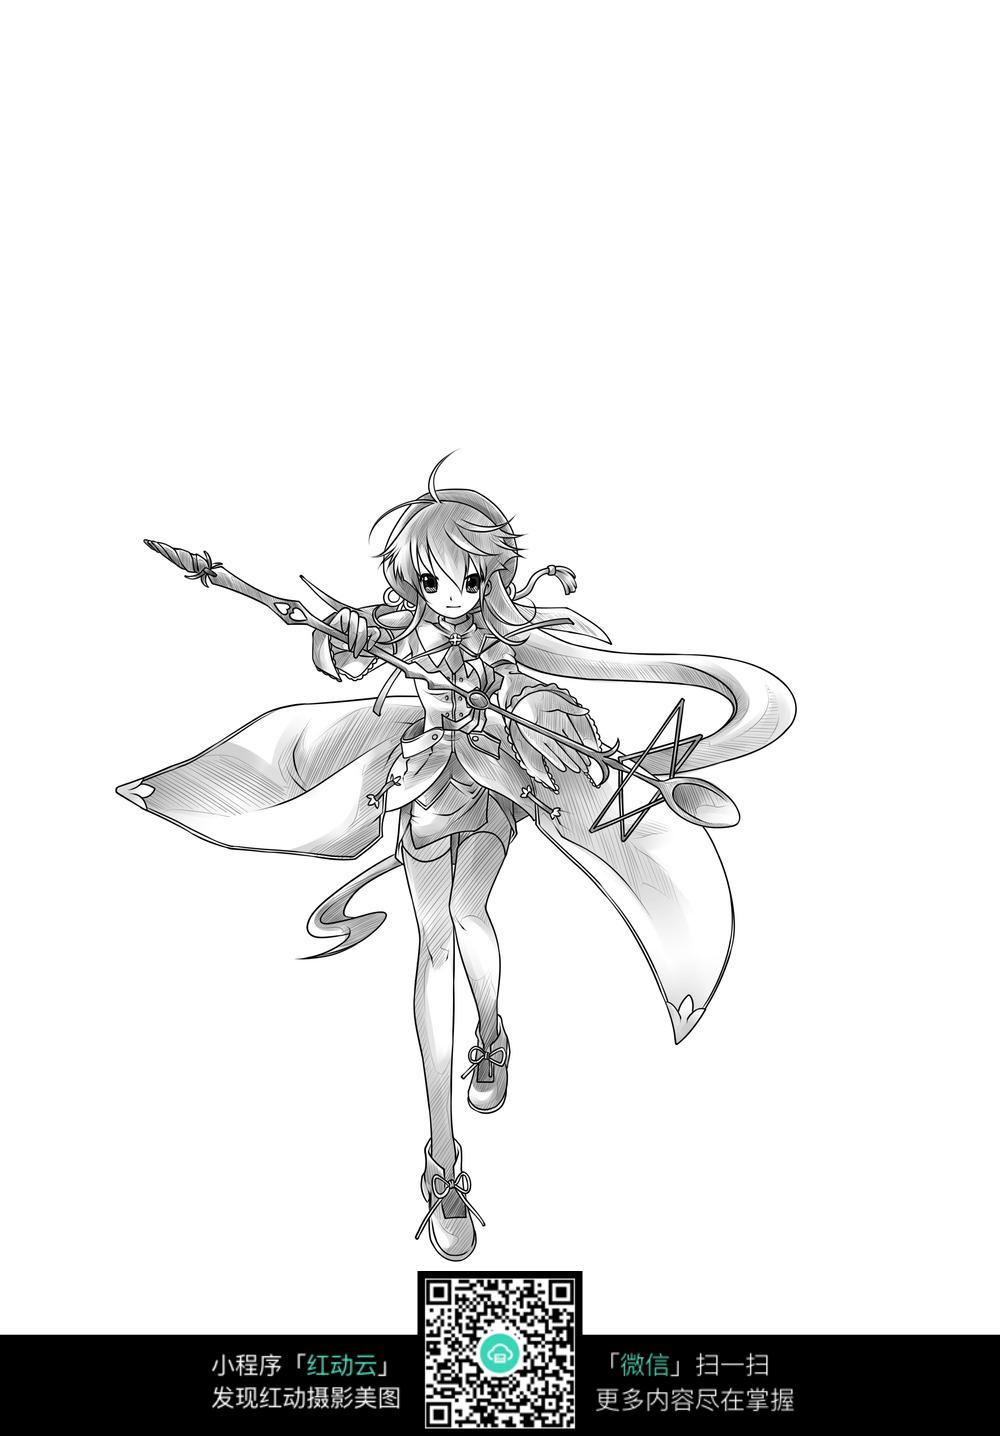 女孩和武器卡通手绘线稿